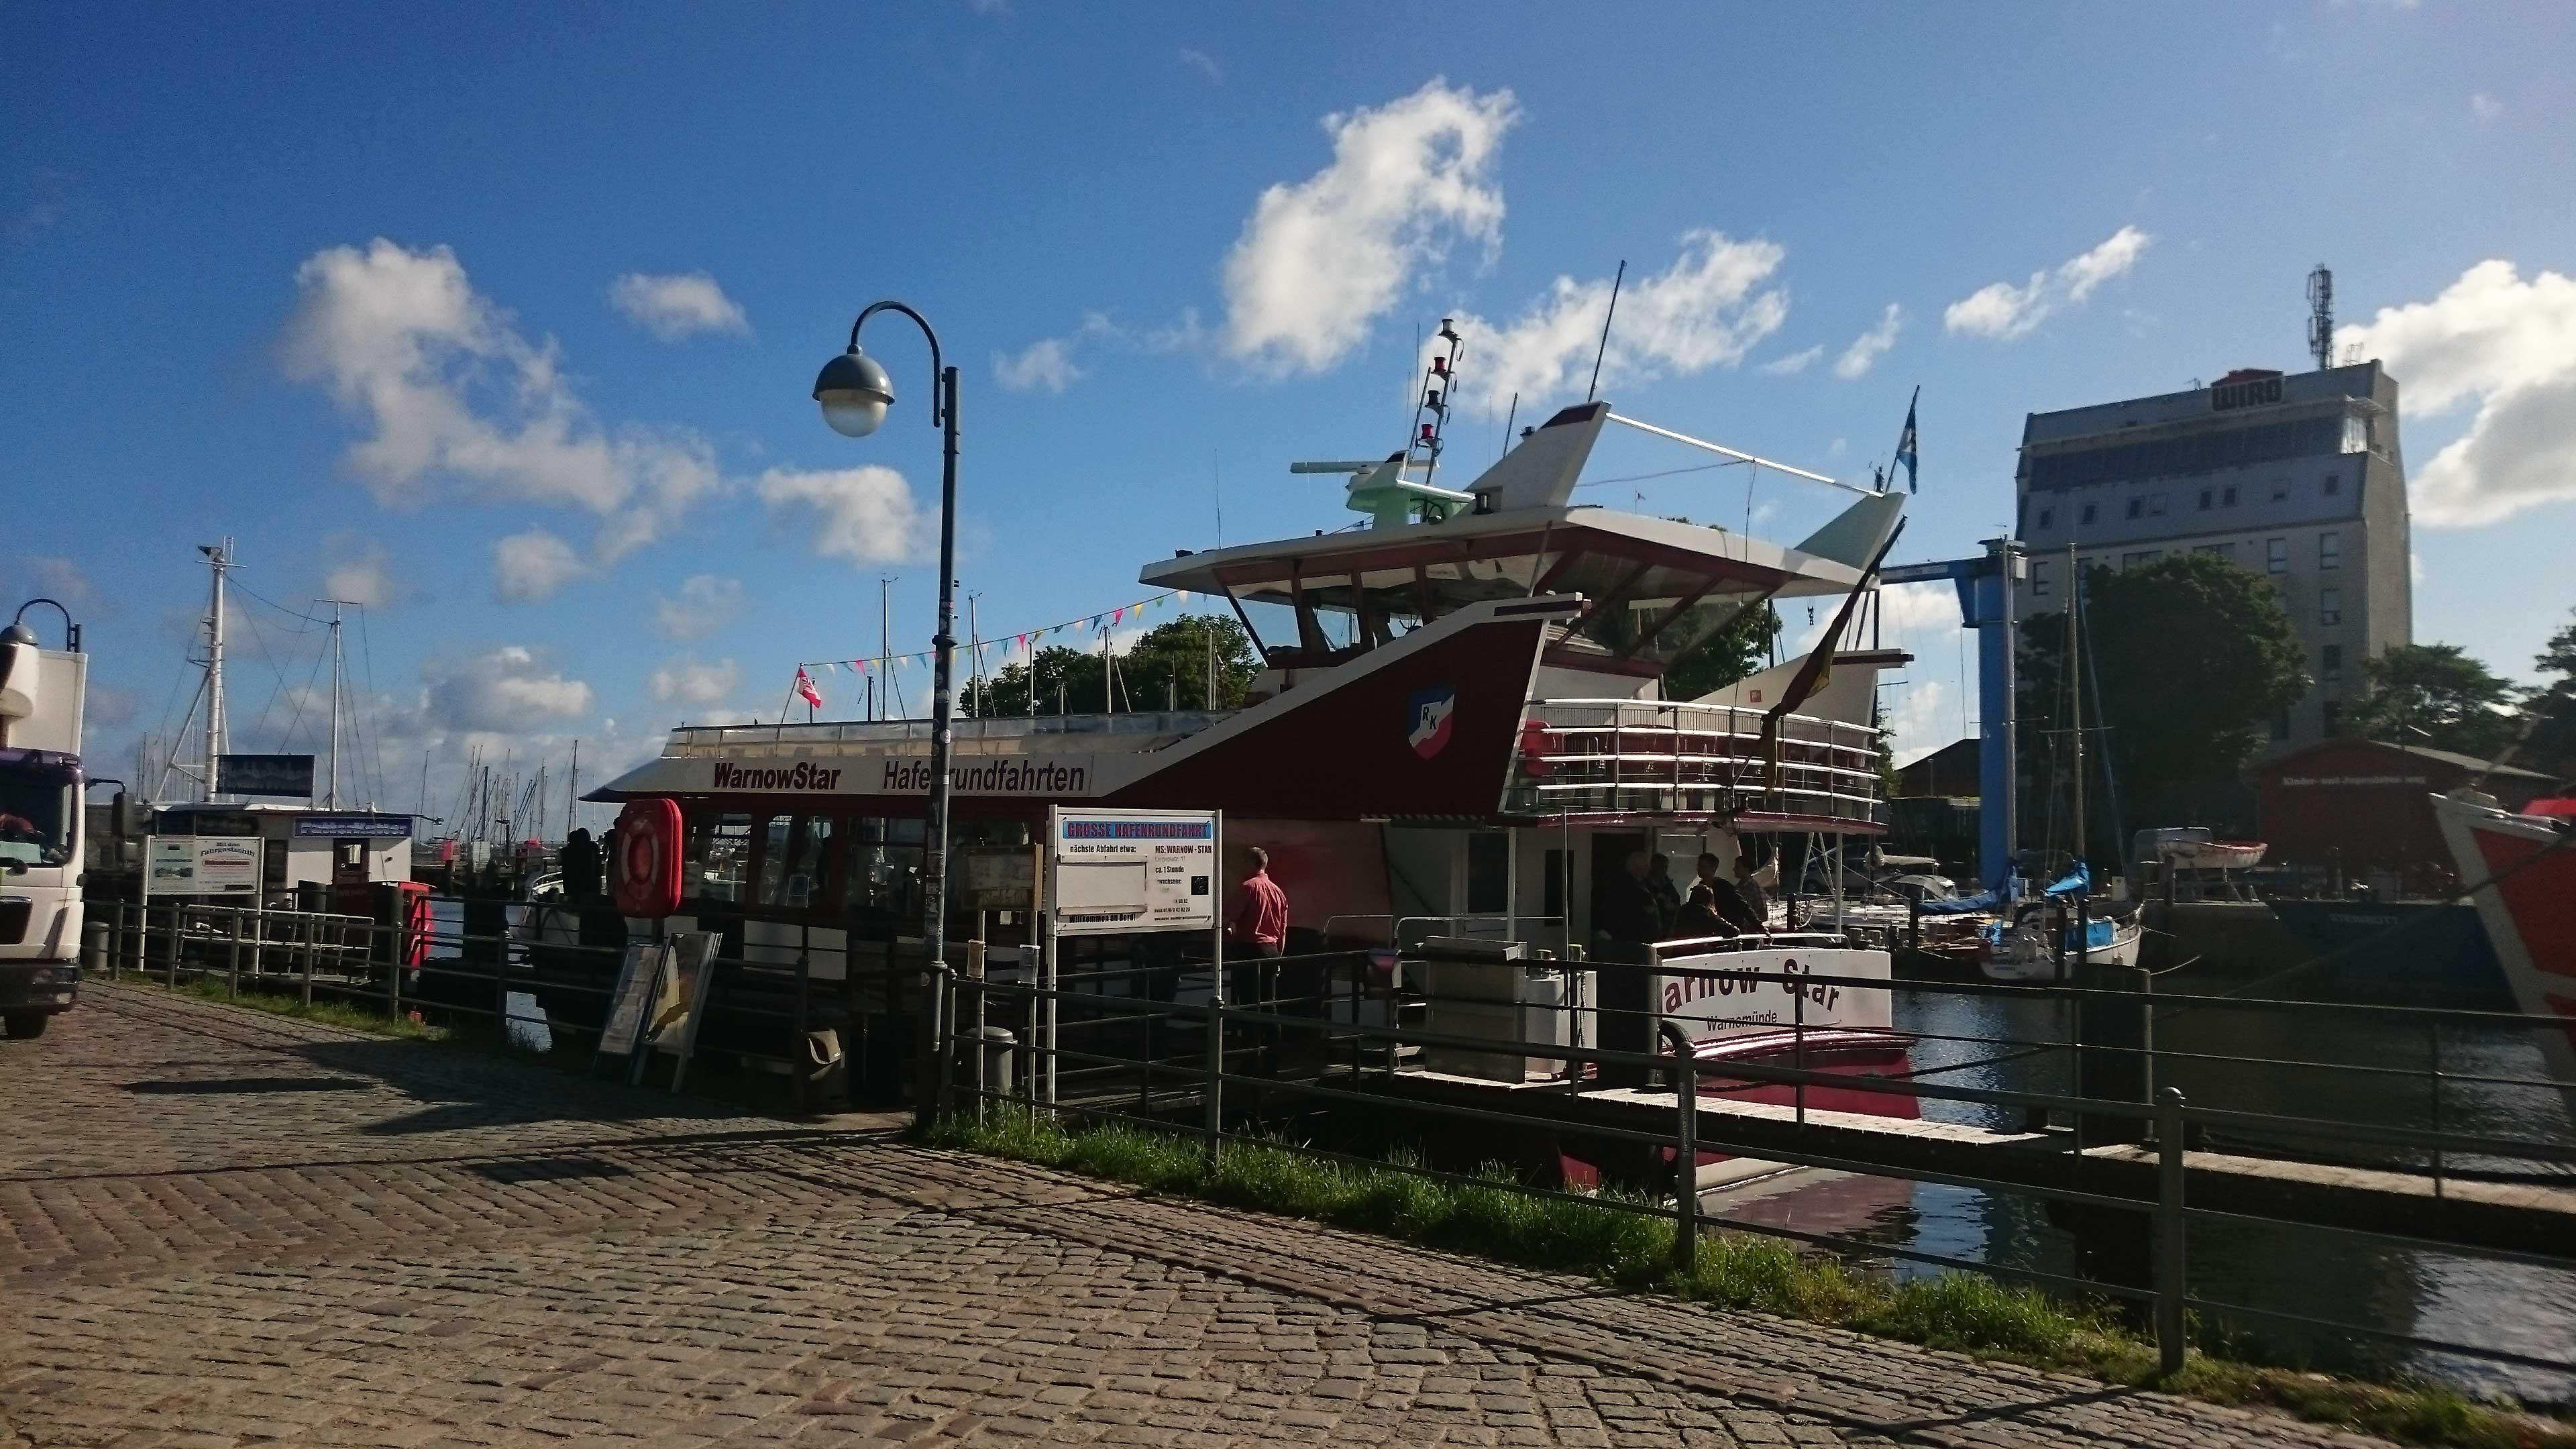 """Heimathafen des Ausflugsschiffs """"MS Warnow Star"""" ist der alte Schiffsanleger in Warnemünde"""